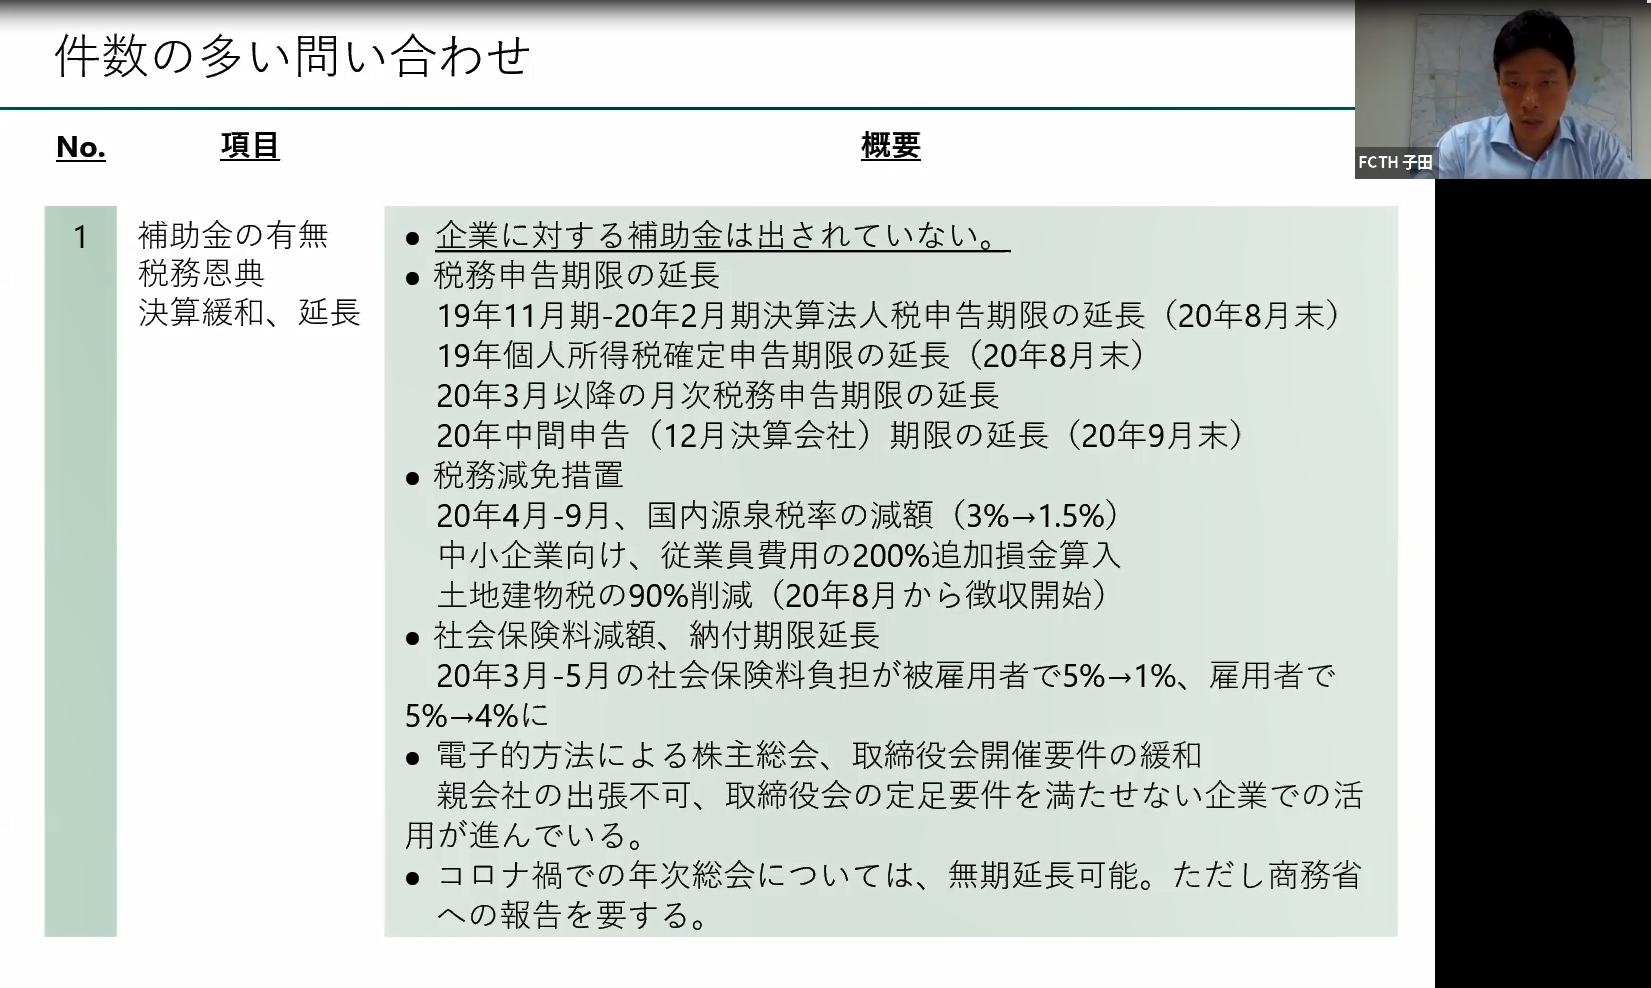 タイ子会社を持つ日系企業からのお問い合わせは補助金関連が多い